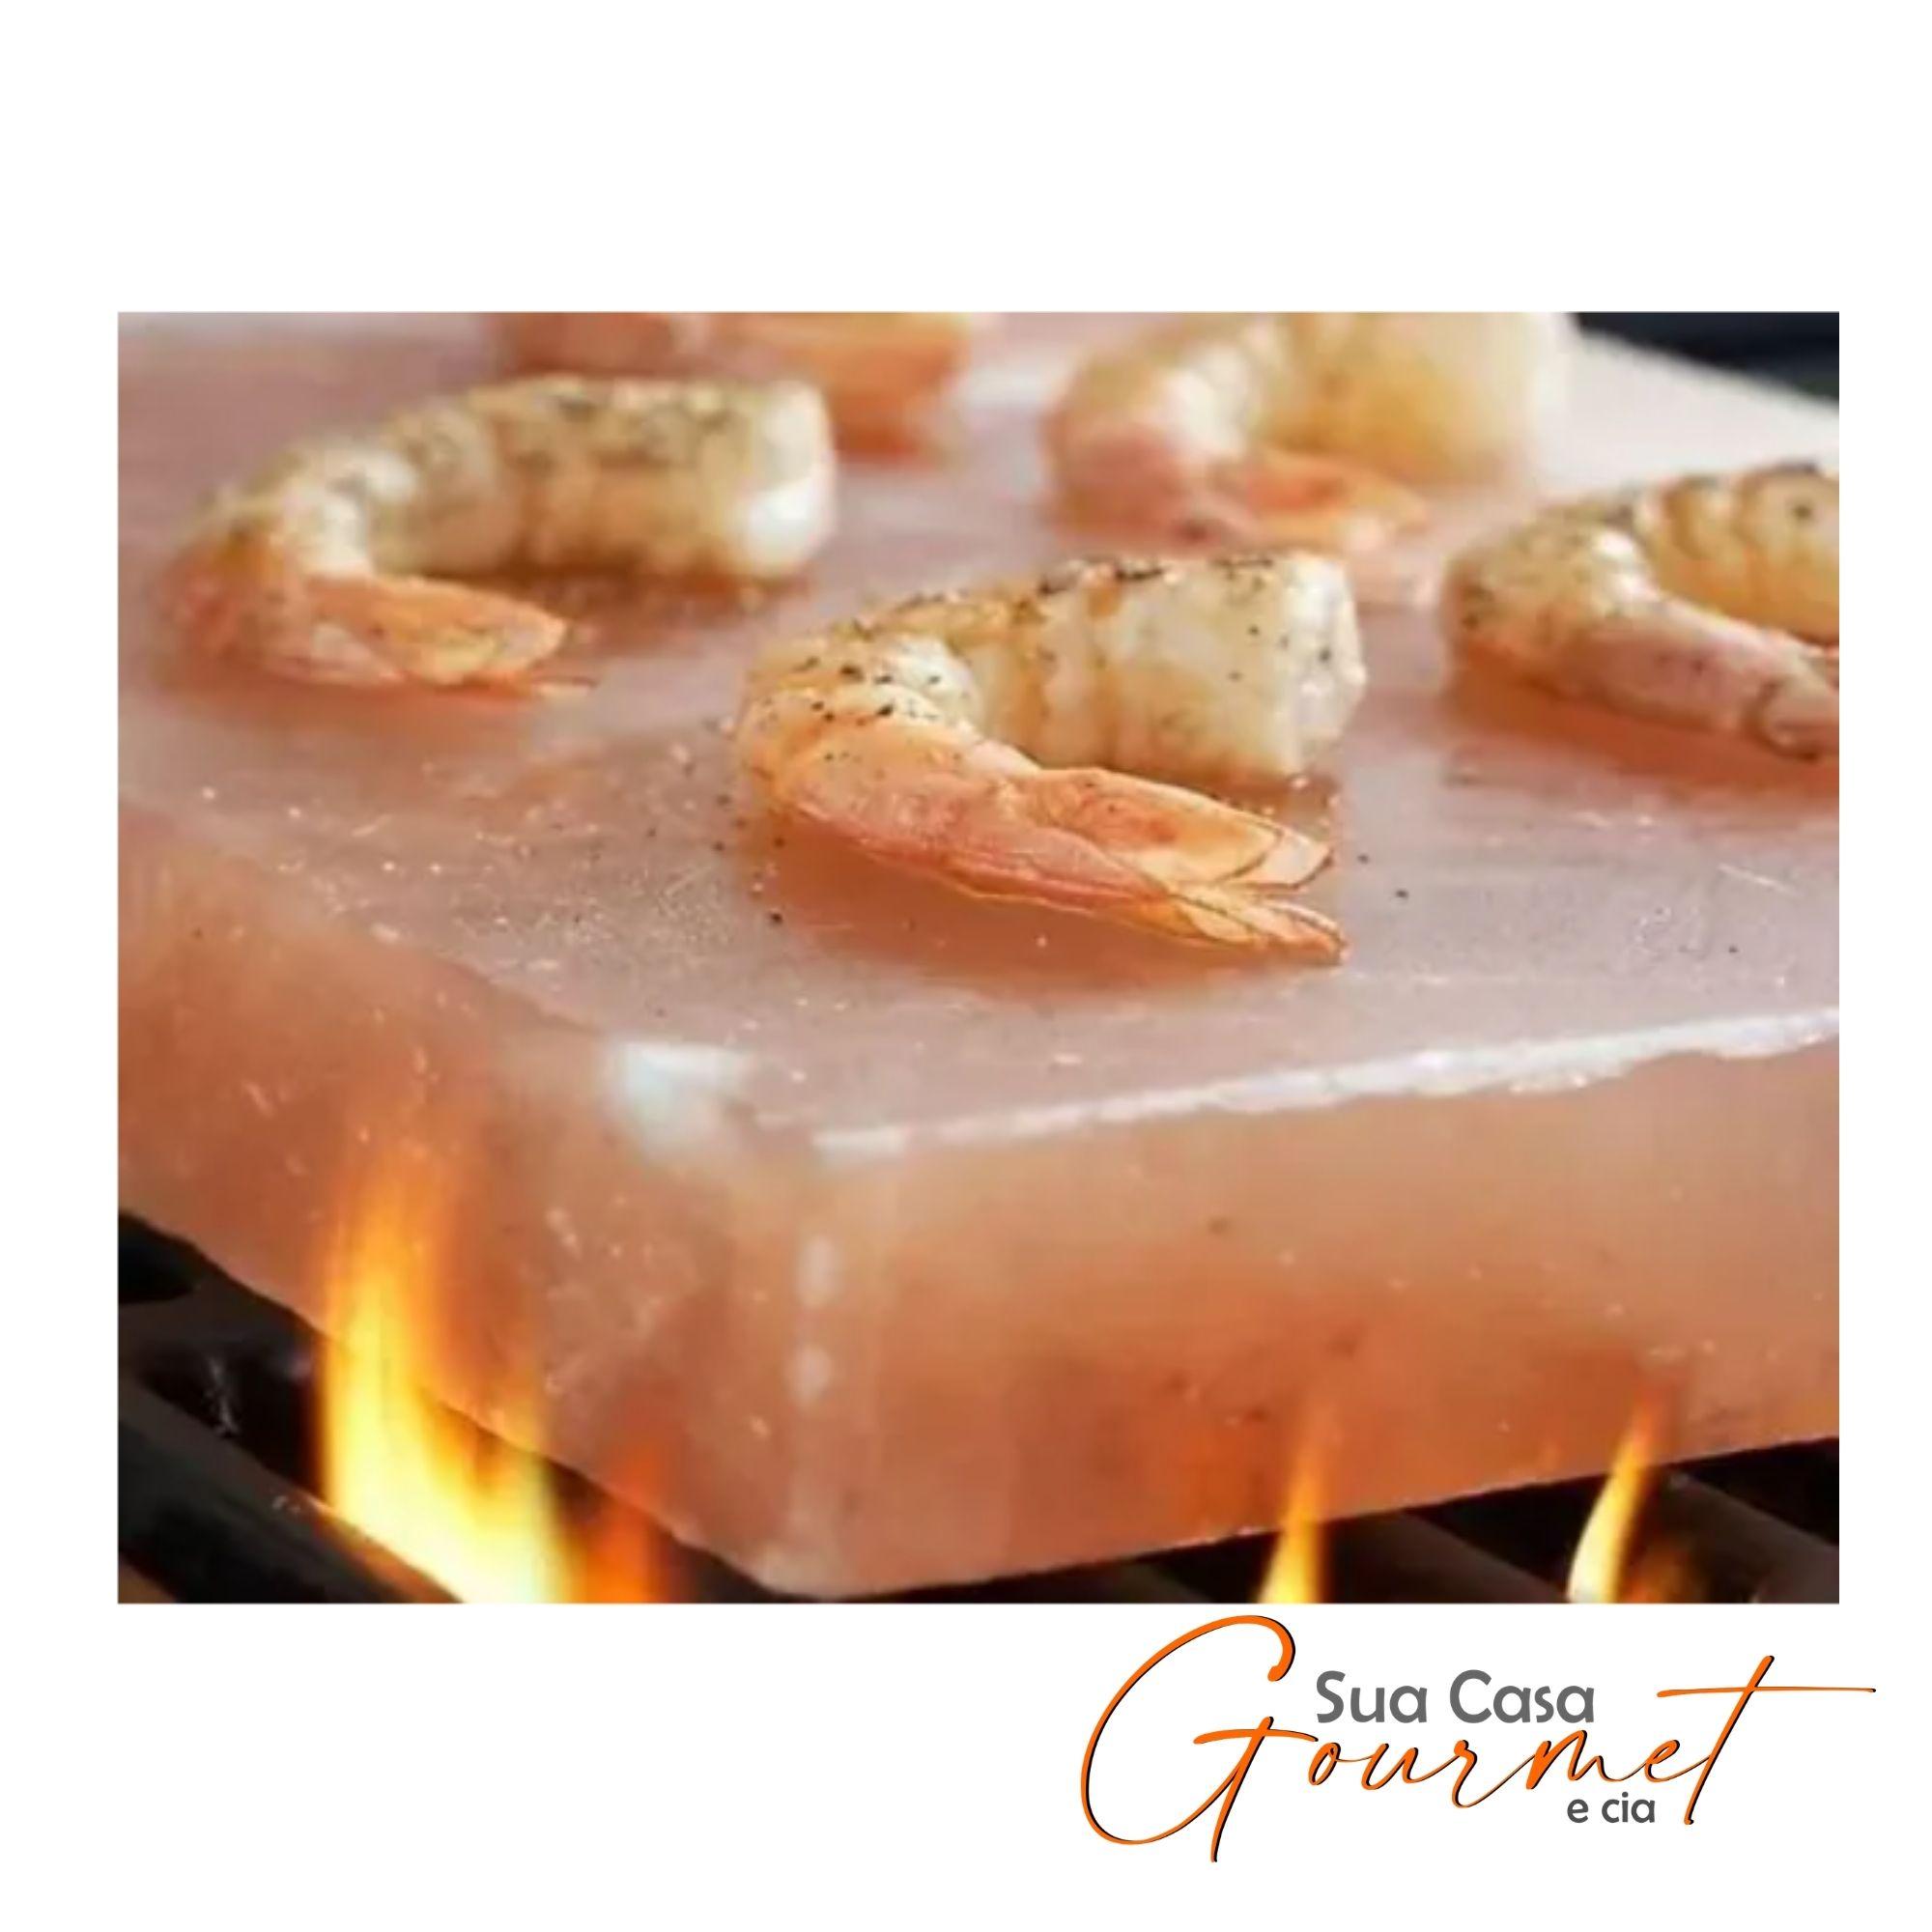 2 Pedras Sal Rosa Himalaya p/ Churrasco 7kg cada  - Sua Casa Gourmet e Cia